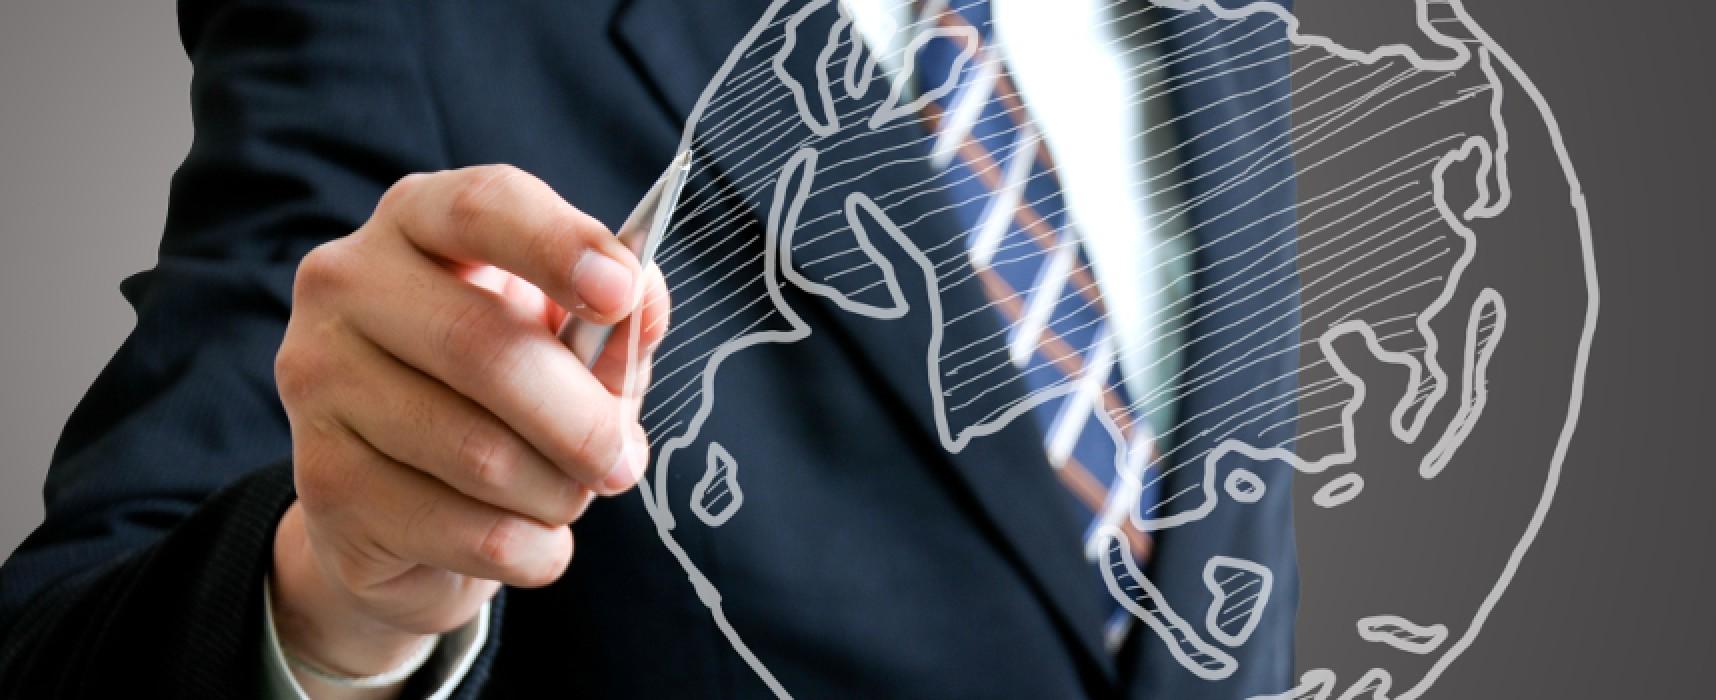 Internazionalizzazione delle imprese, Confcommercio Bisceglie presenta il bando